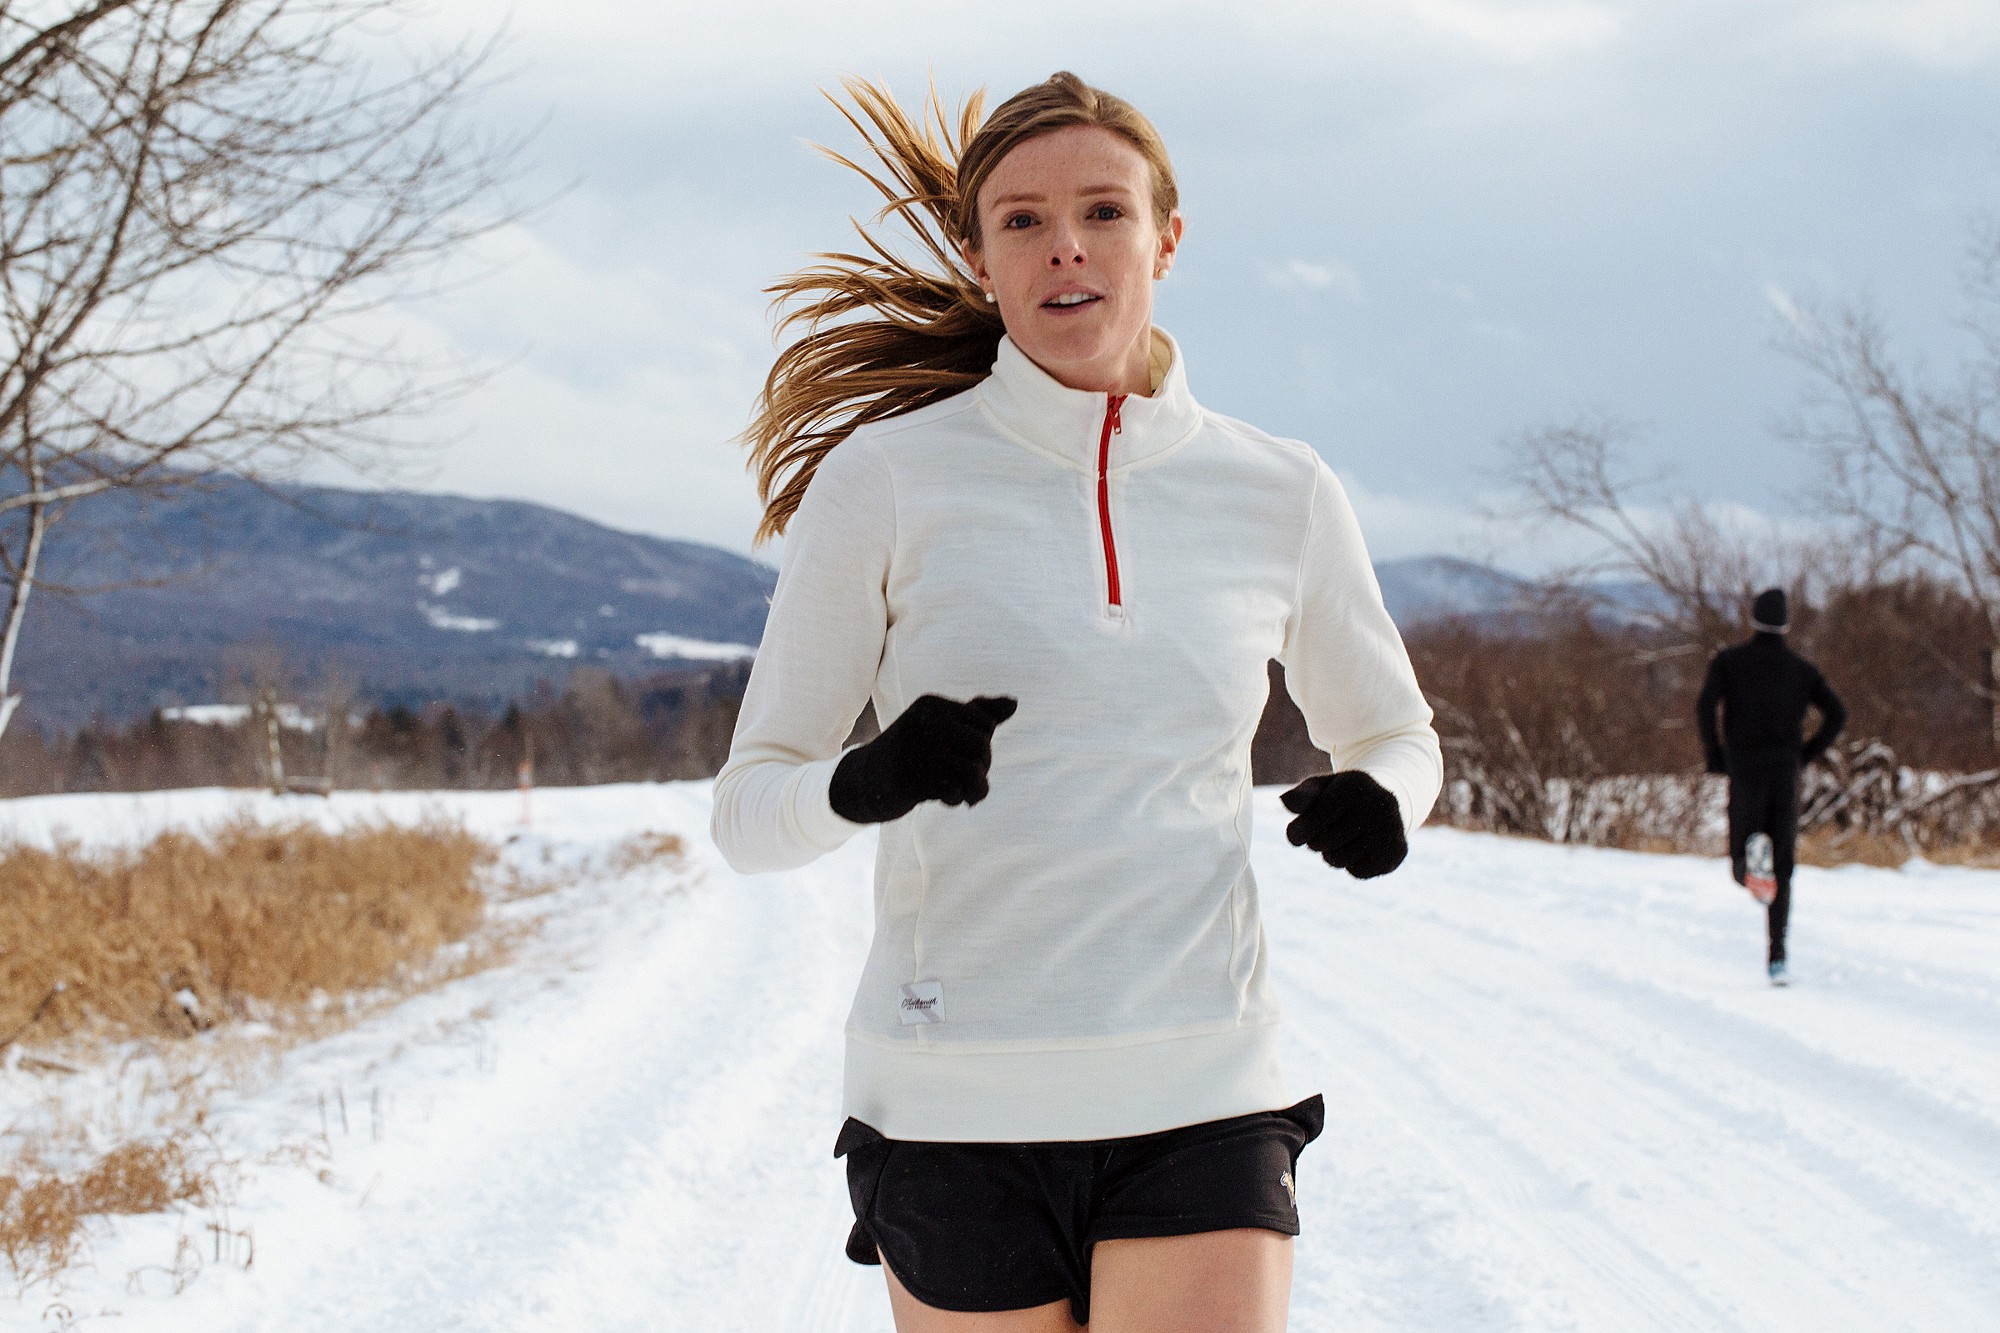 Об отличиях между мужчинами и женщинами в беге, а также почему выражение «женский бег» этоне сексизм 1